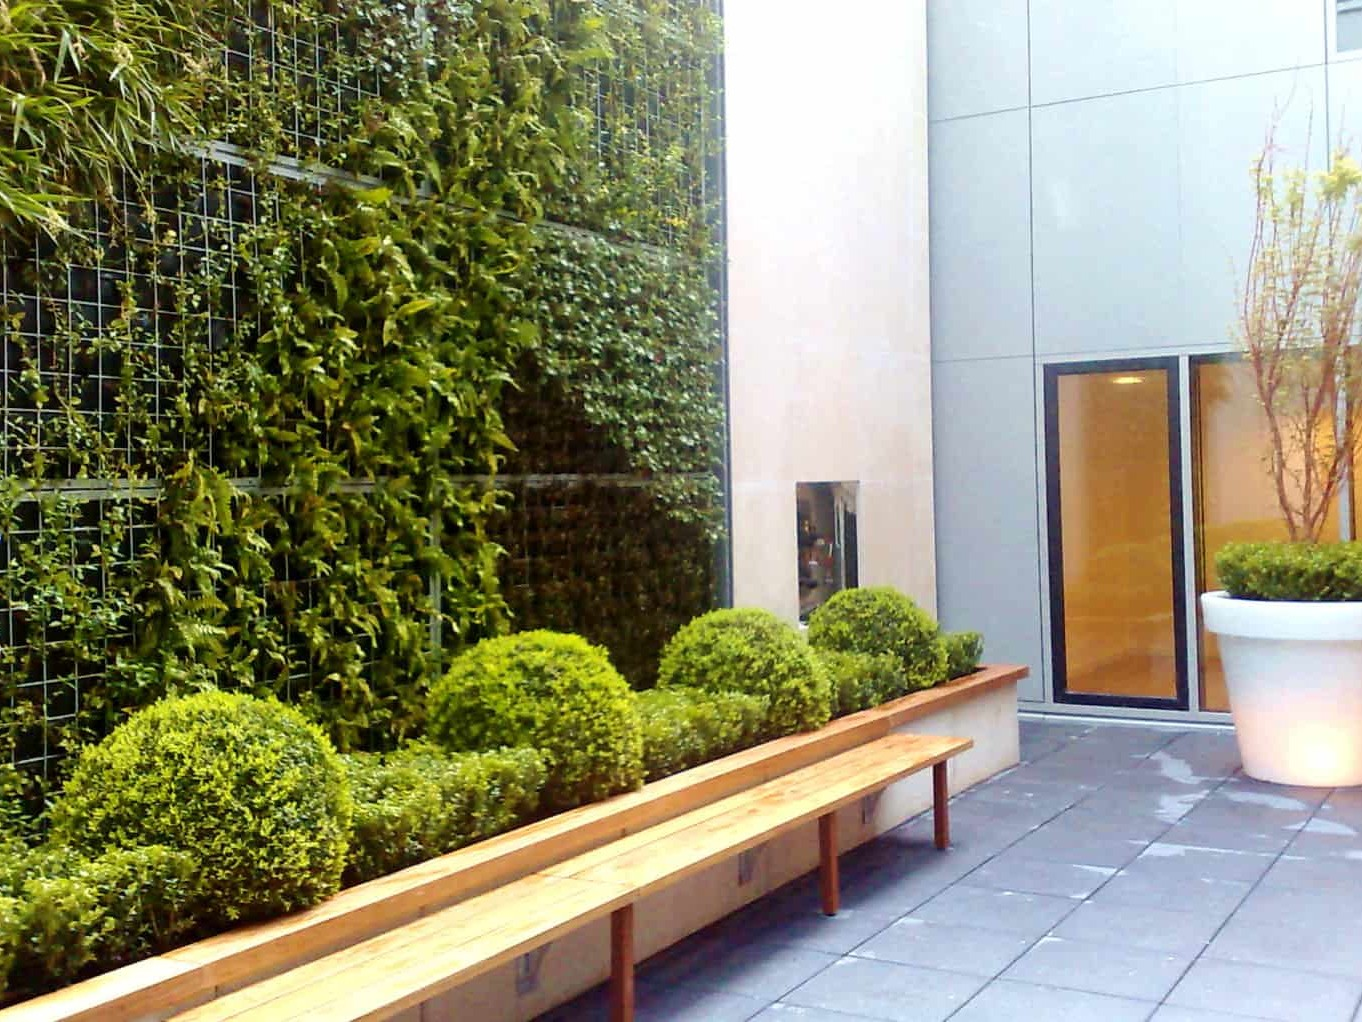 Mur végétal avec plantes naturelles